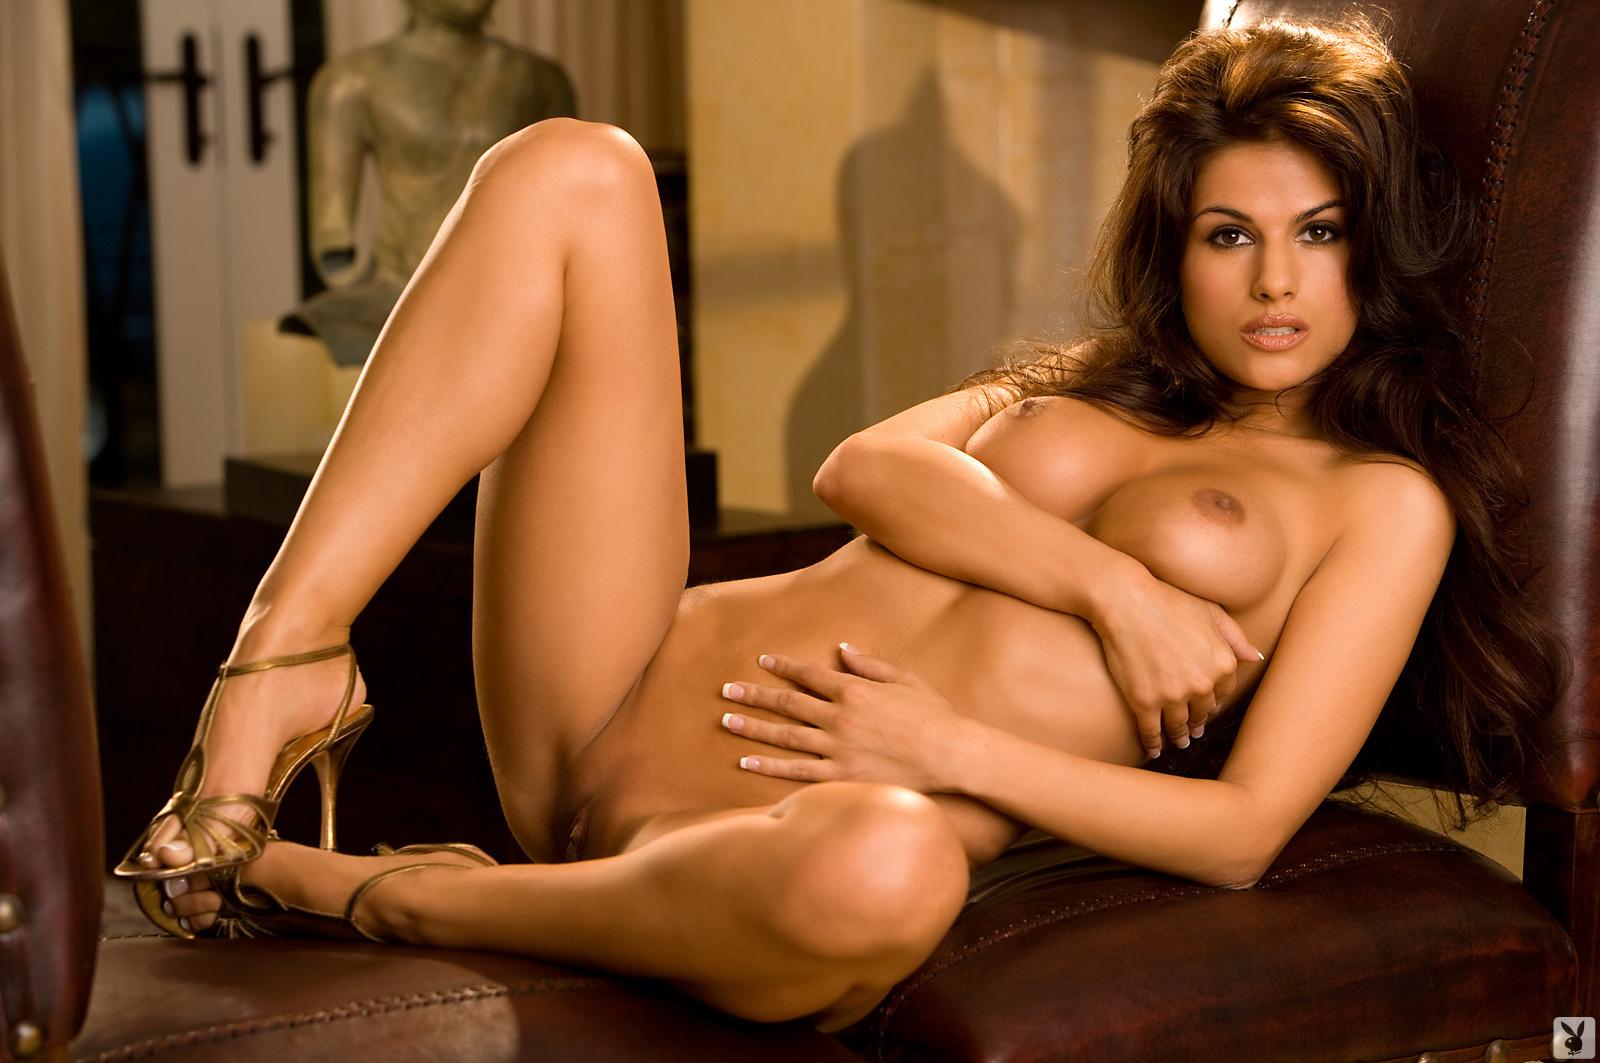 Nicole knight nude pics softcore scenes